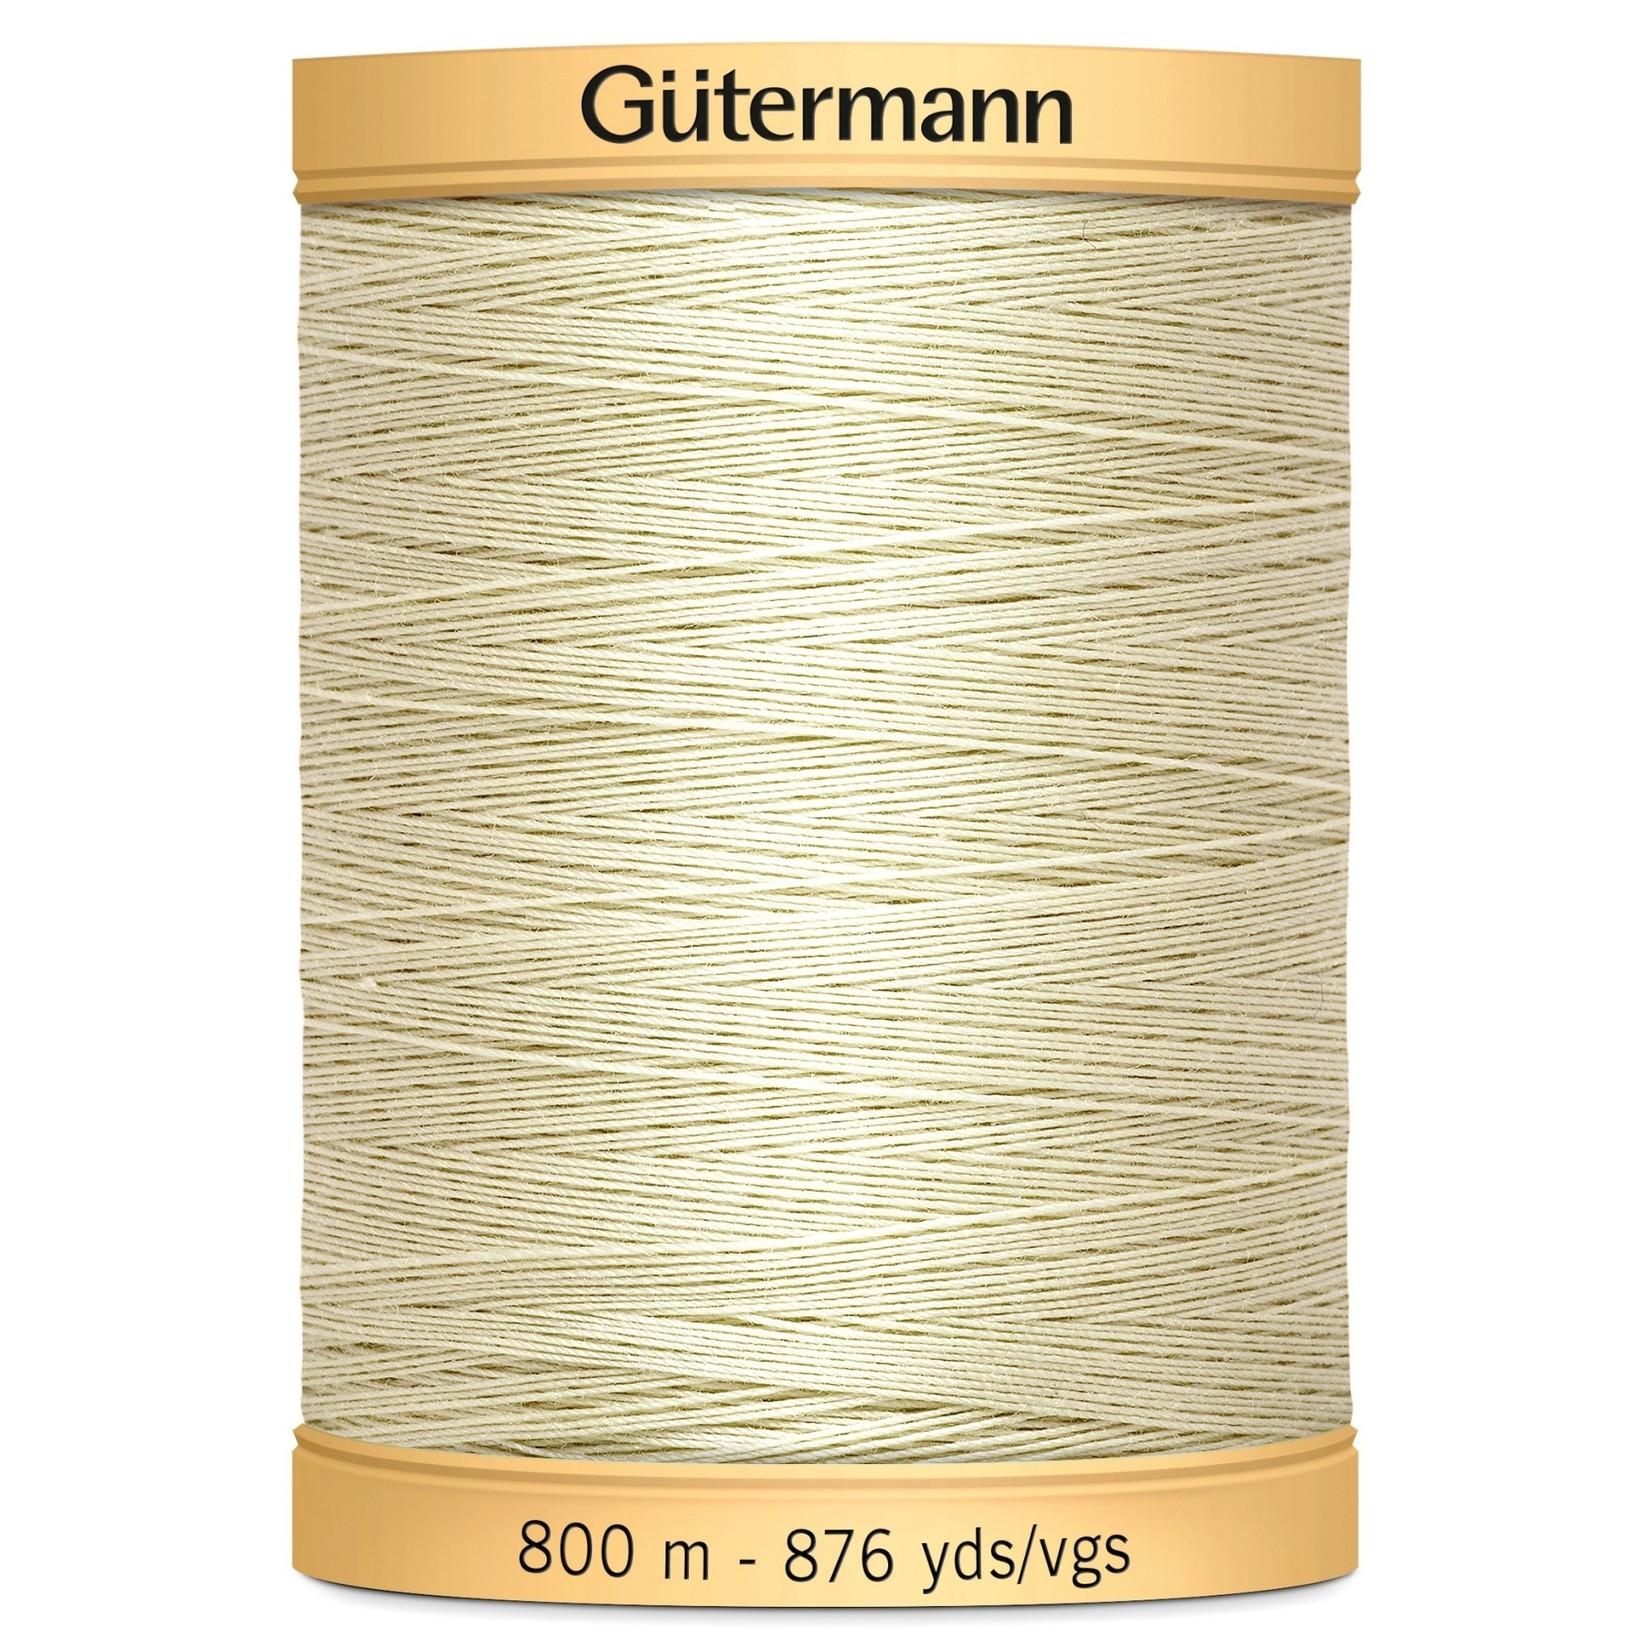 Guterman Col.0829 Gutermann Cotton 800m Sunshine Sky Beige